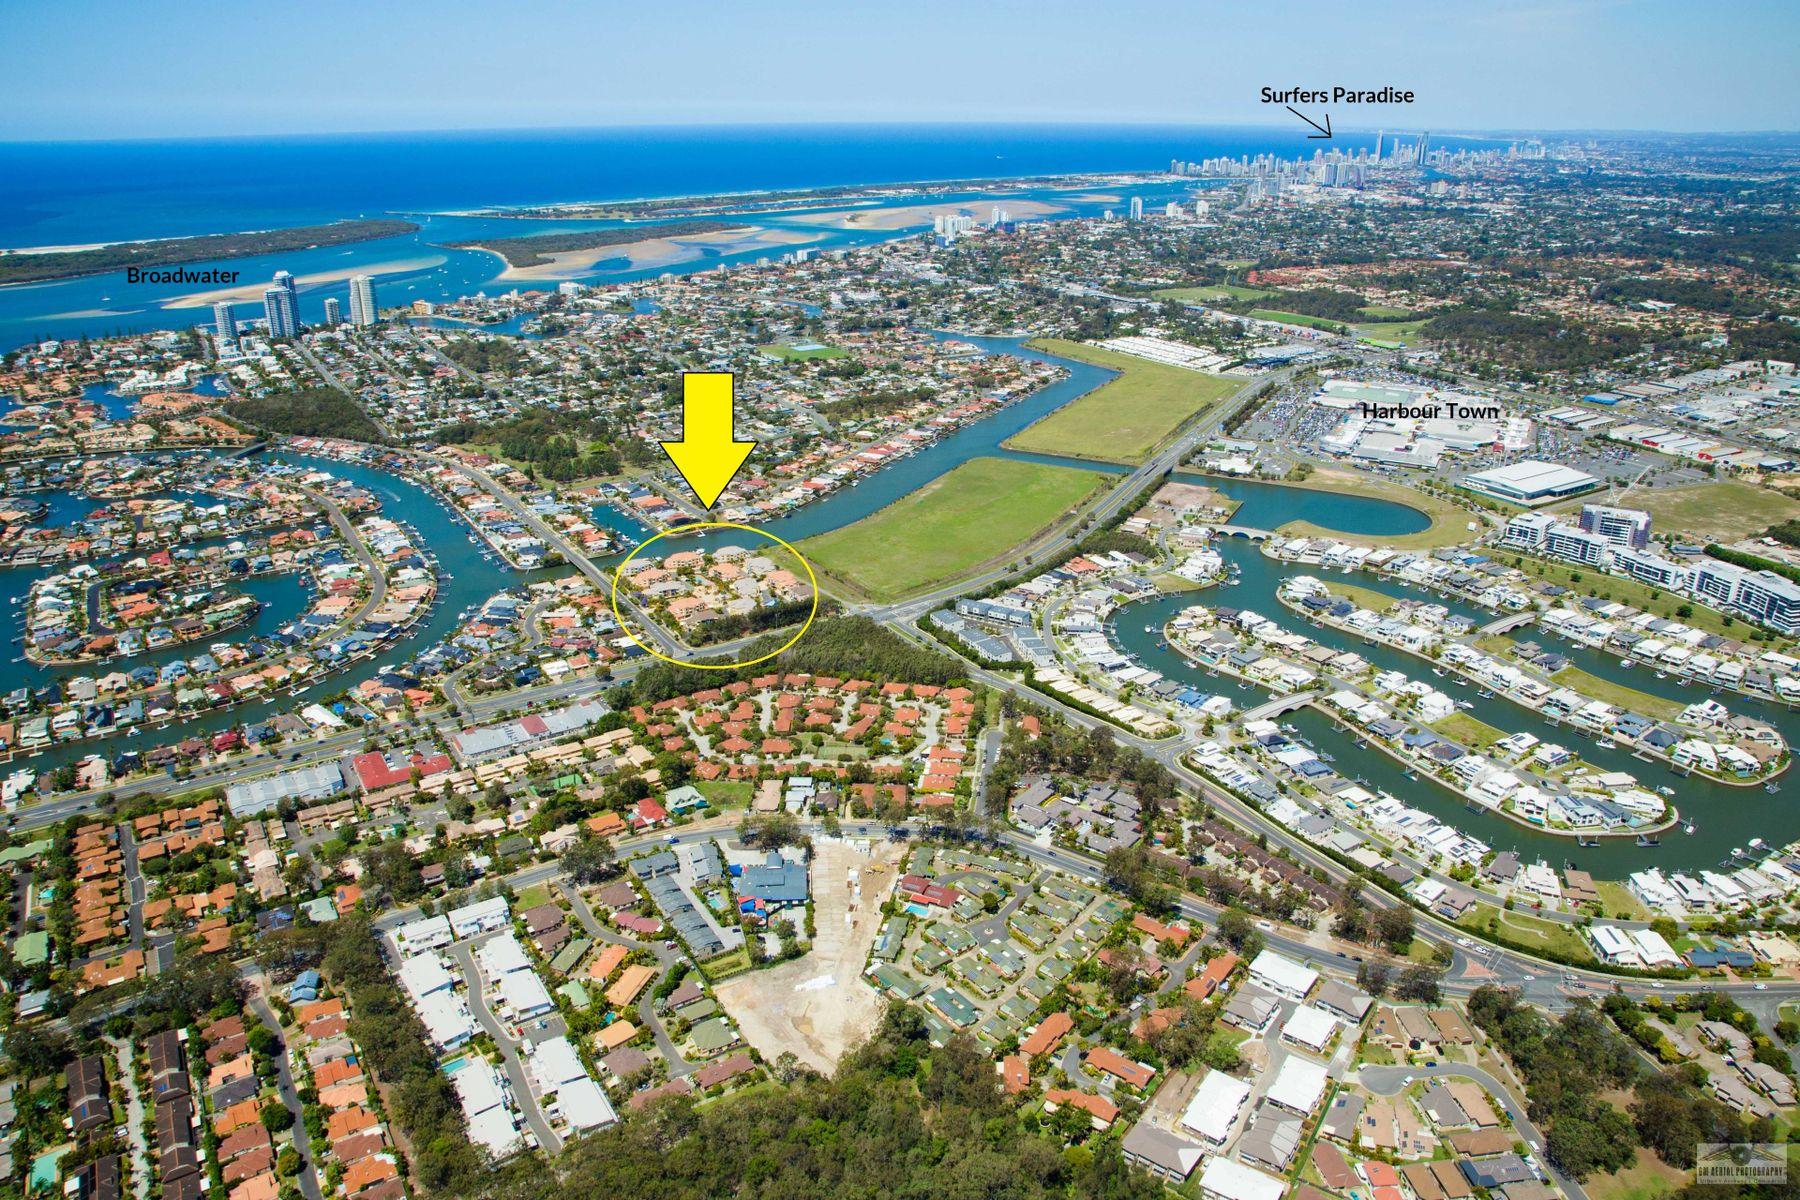 59/88-98 Limetree Parade, Runaway Bay, QLD 4216